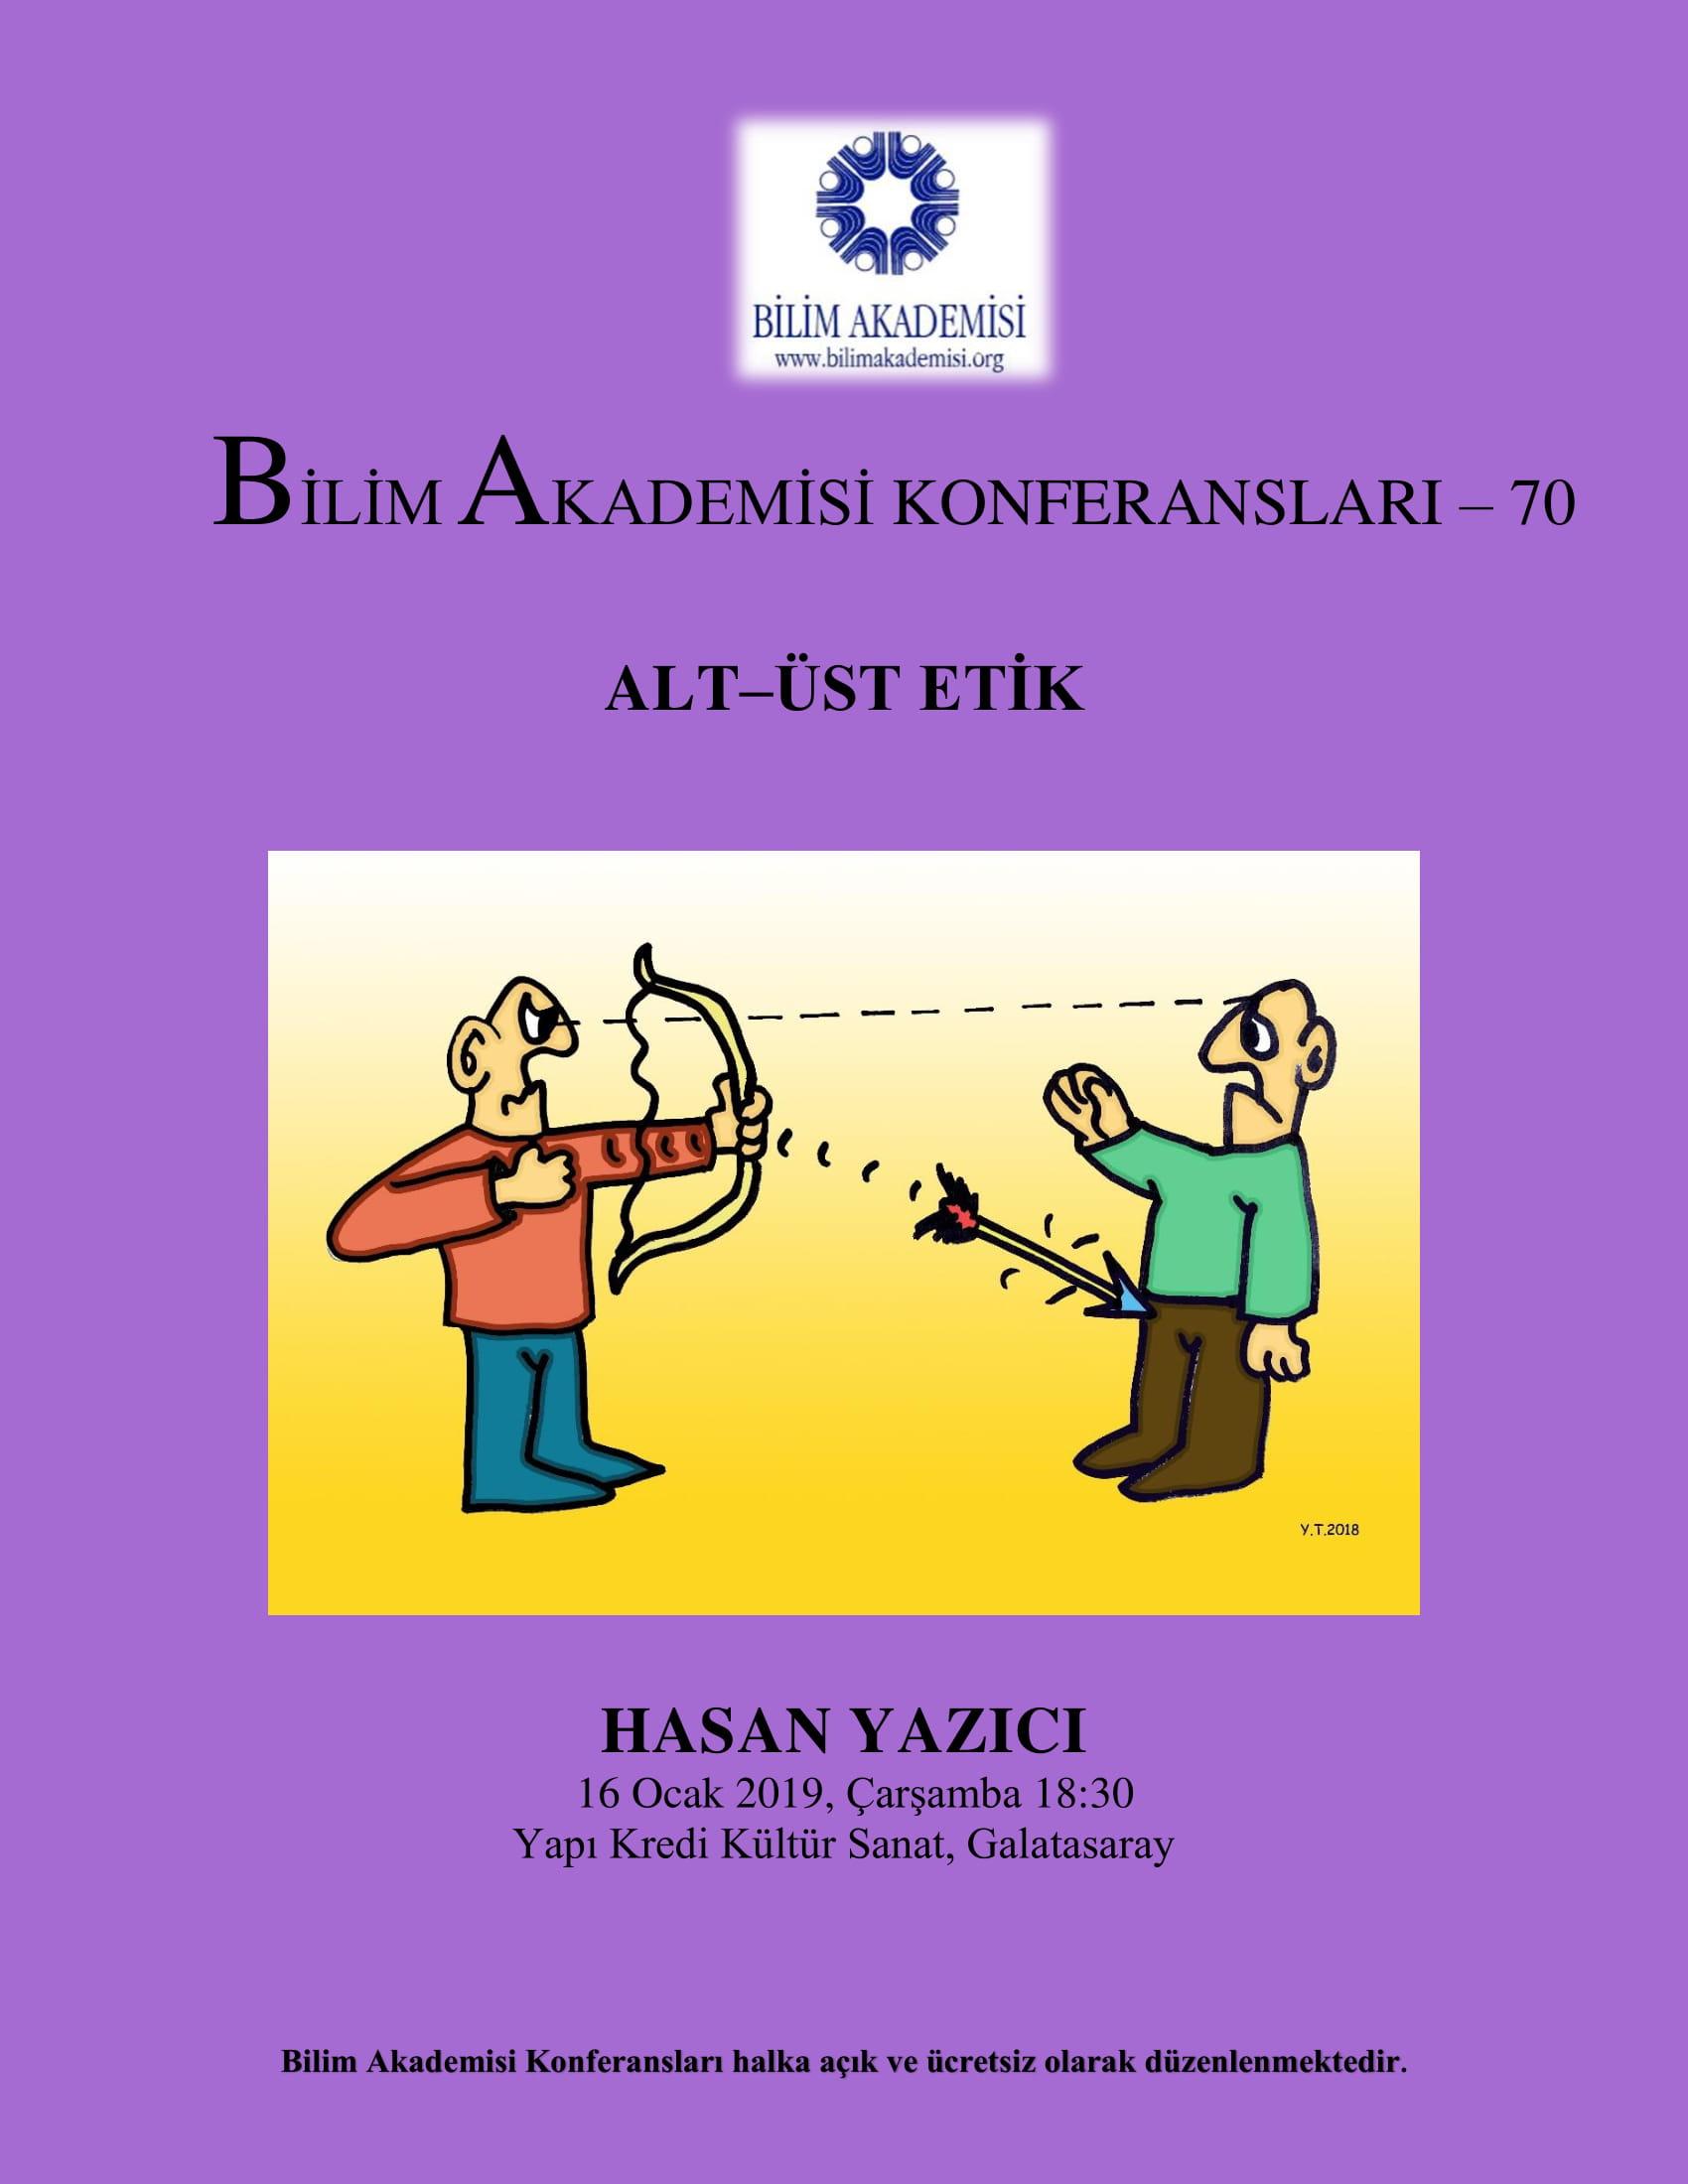 Alt-Üst Etik - Konuşmacı : Hasan Yazıcı